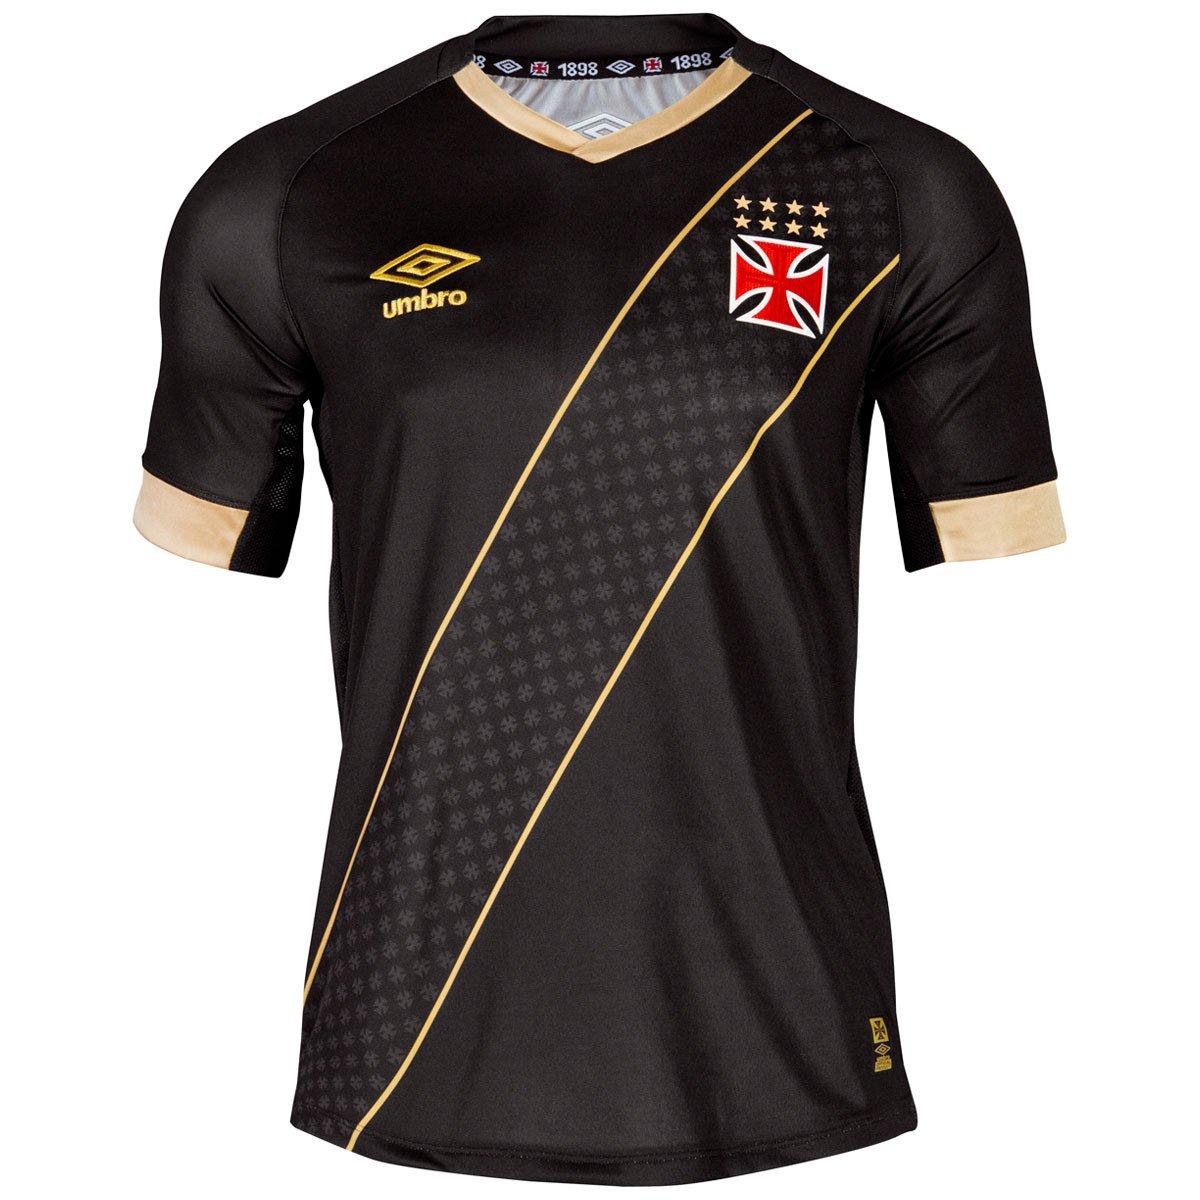 Camisa Feminina Umbro Vasco III 2015 s nº - Compre Agora  bec91857786e0